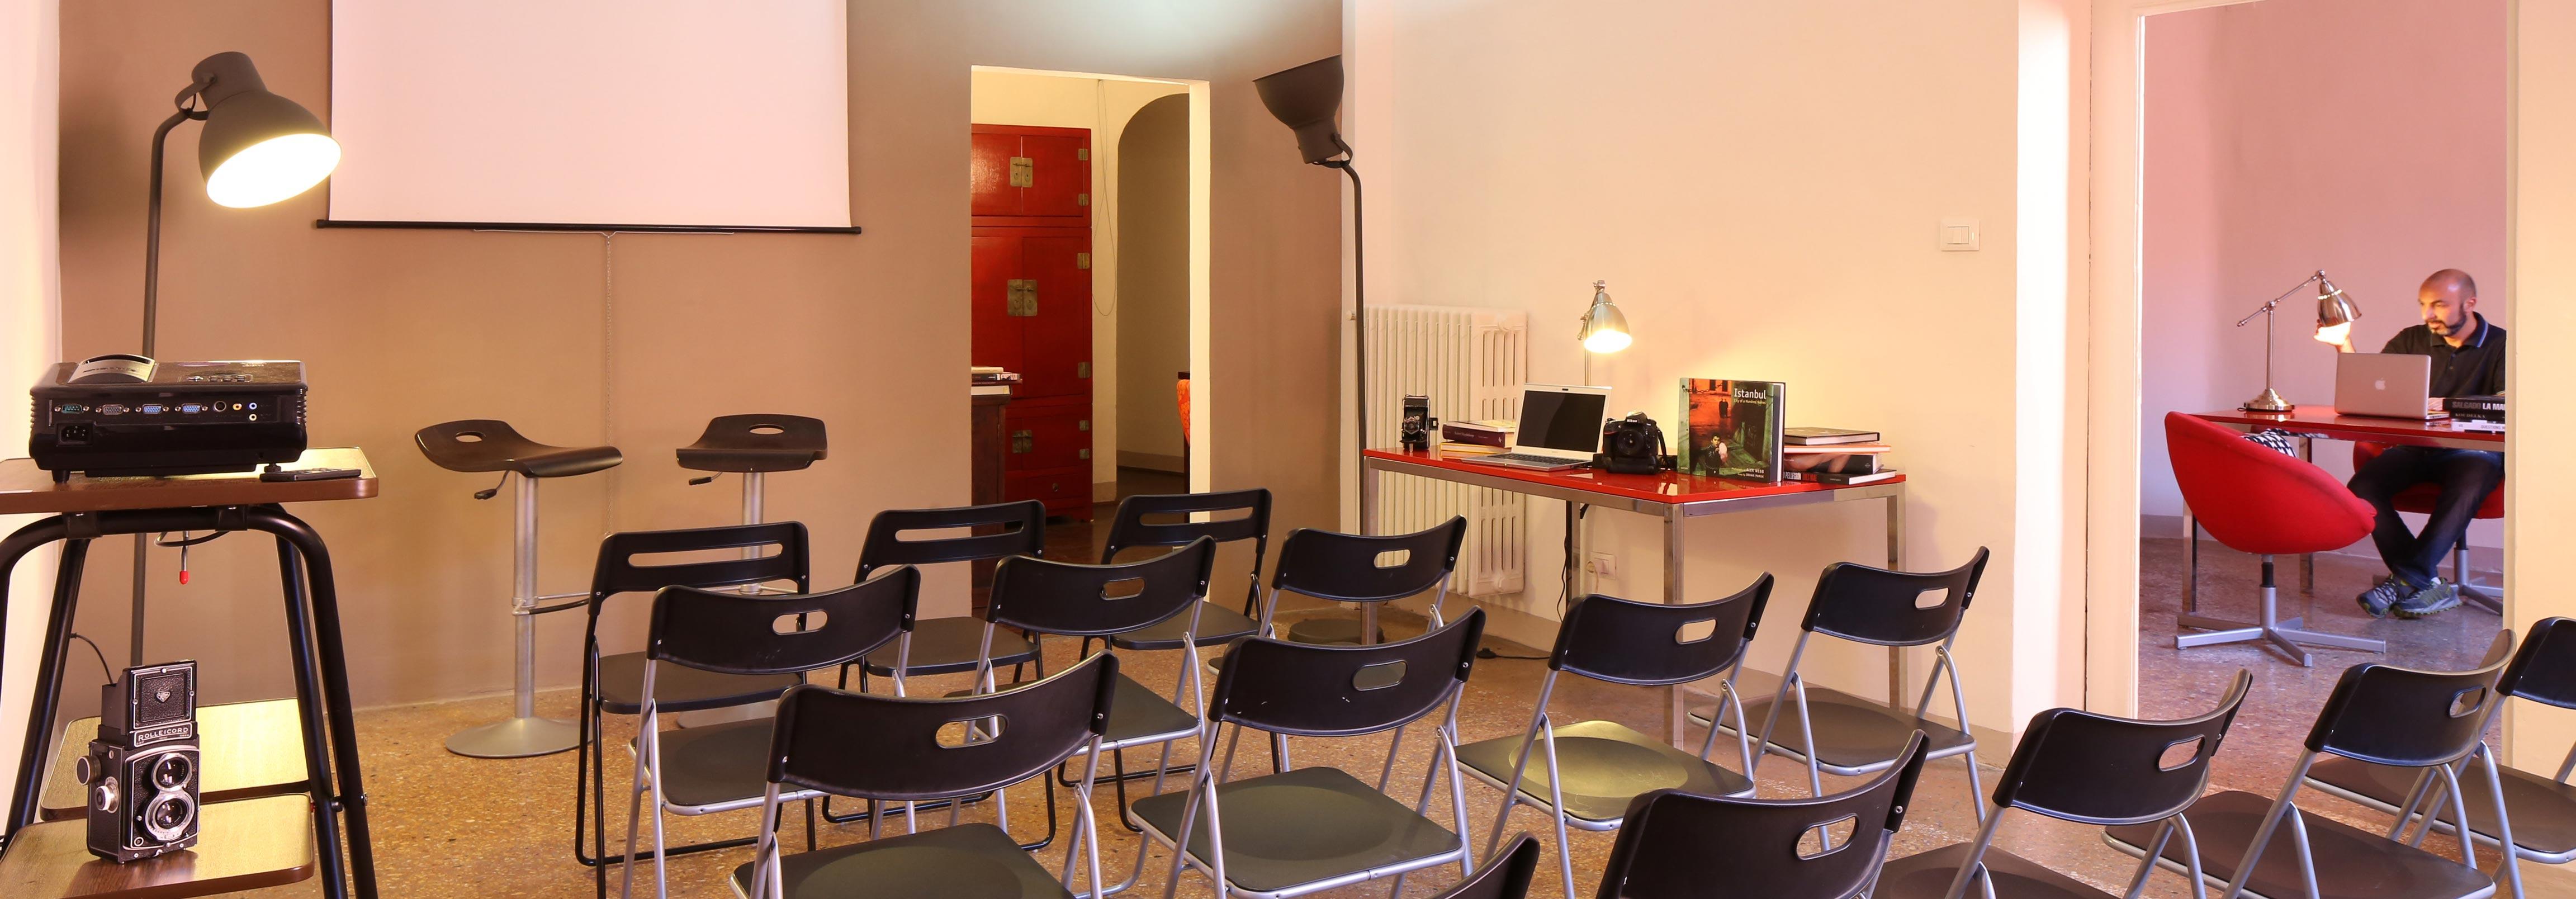 scuola fotografia bologna